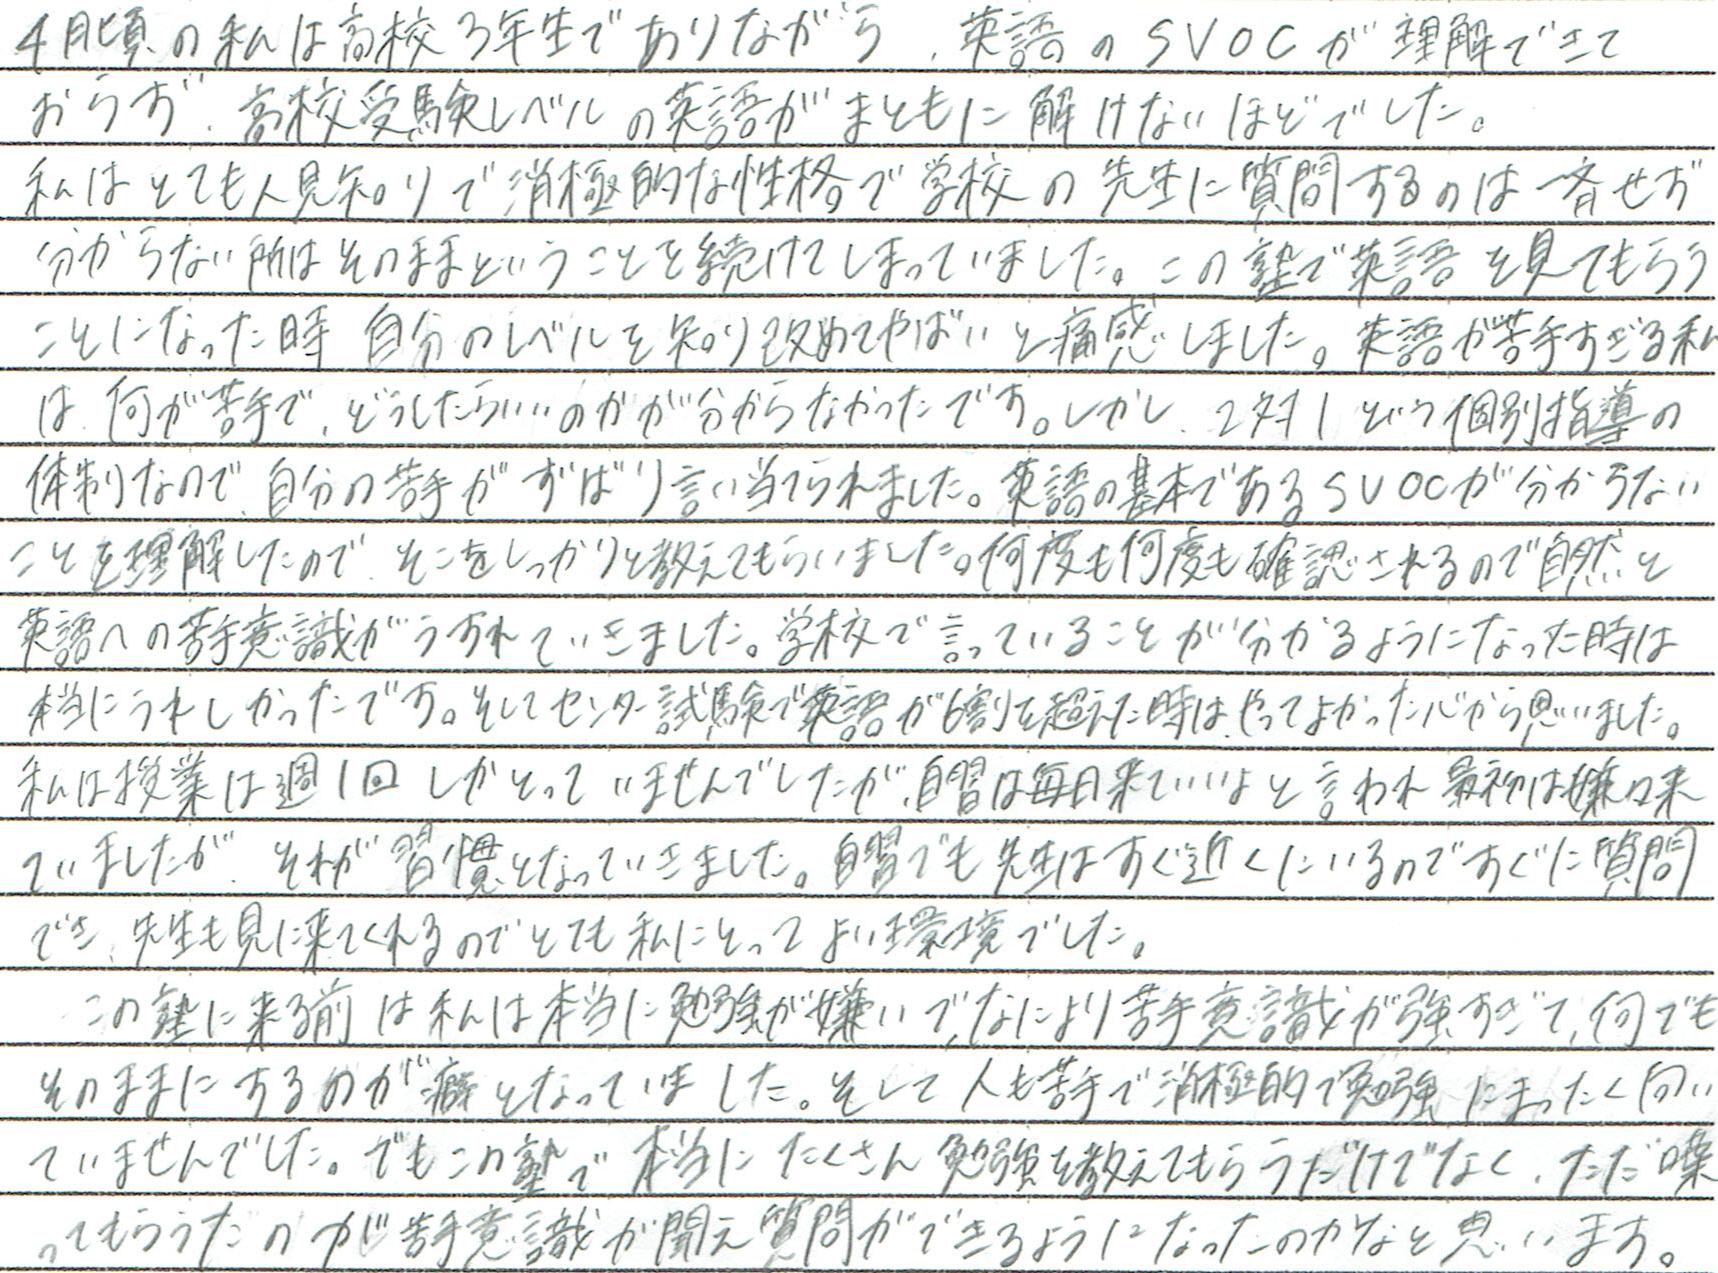 清水 弥栄さん 尾道市立大学 合格